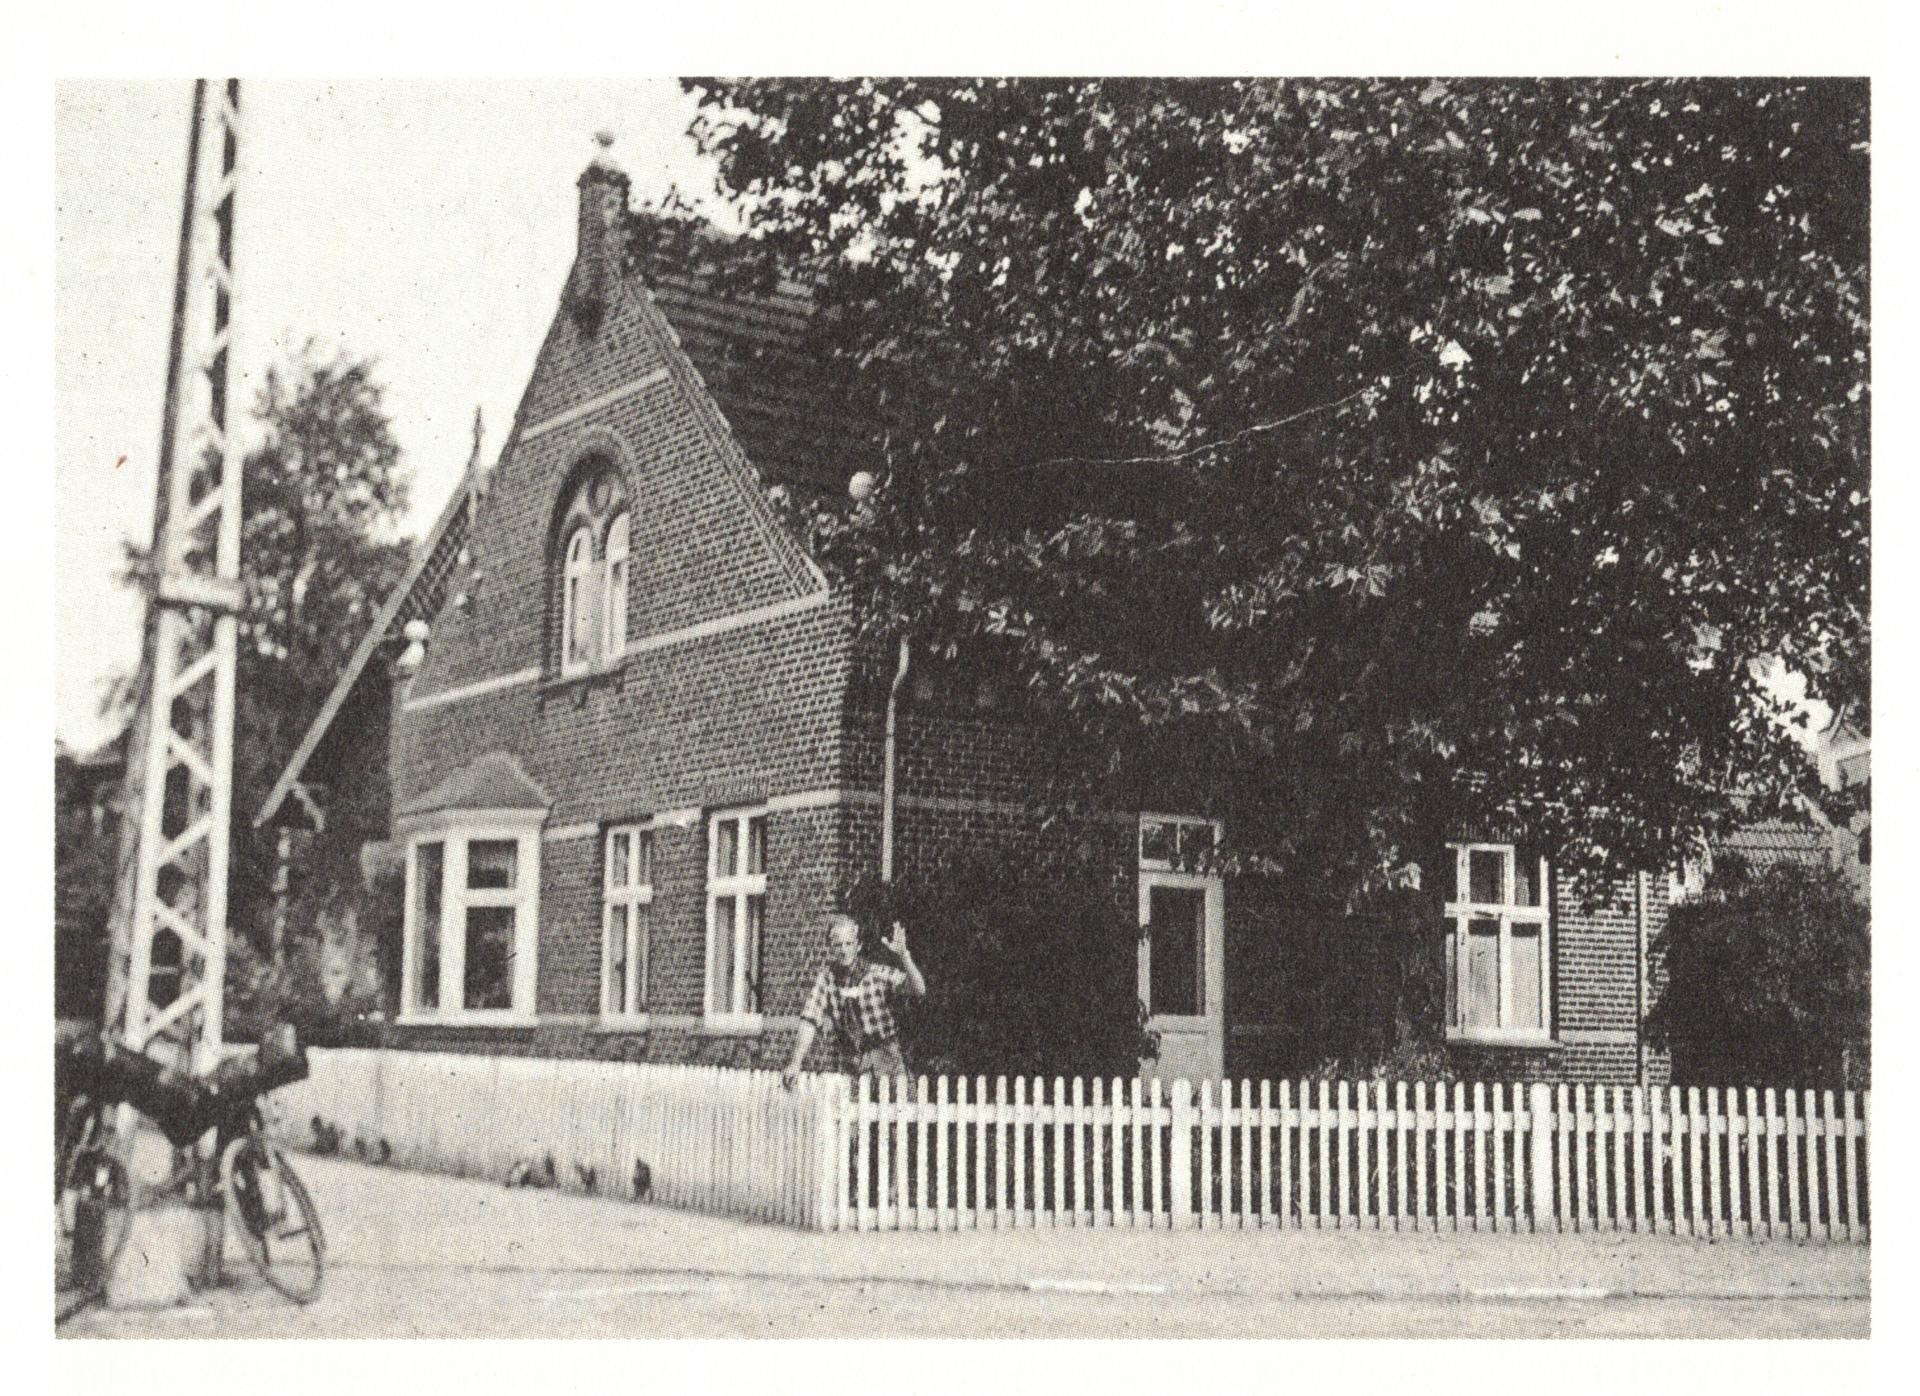 Jens Bjerre foran sit fødehjem Østergade 60 i Maribo. Huset ligger på hjørnet af Refshalevej og Østergade. Fotoet er fra ca 1937. Privatfoto.